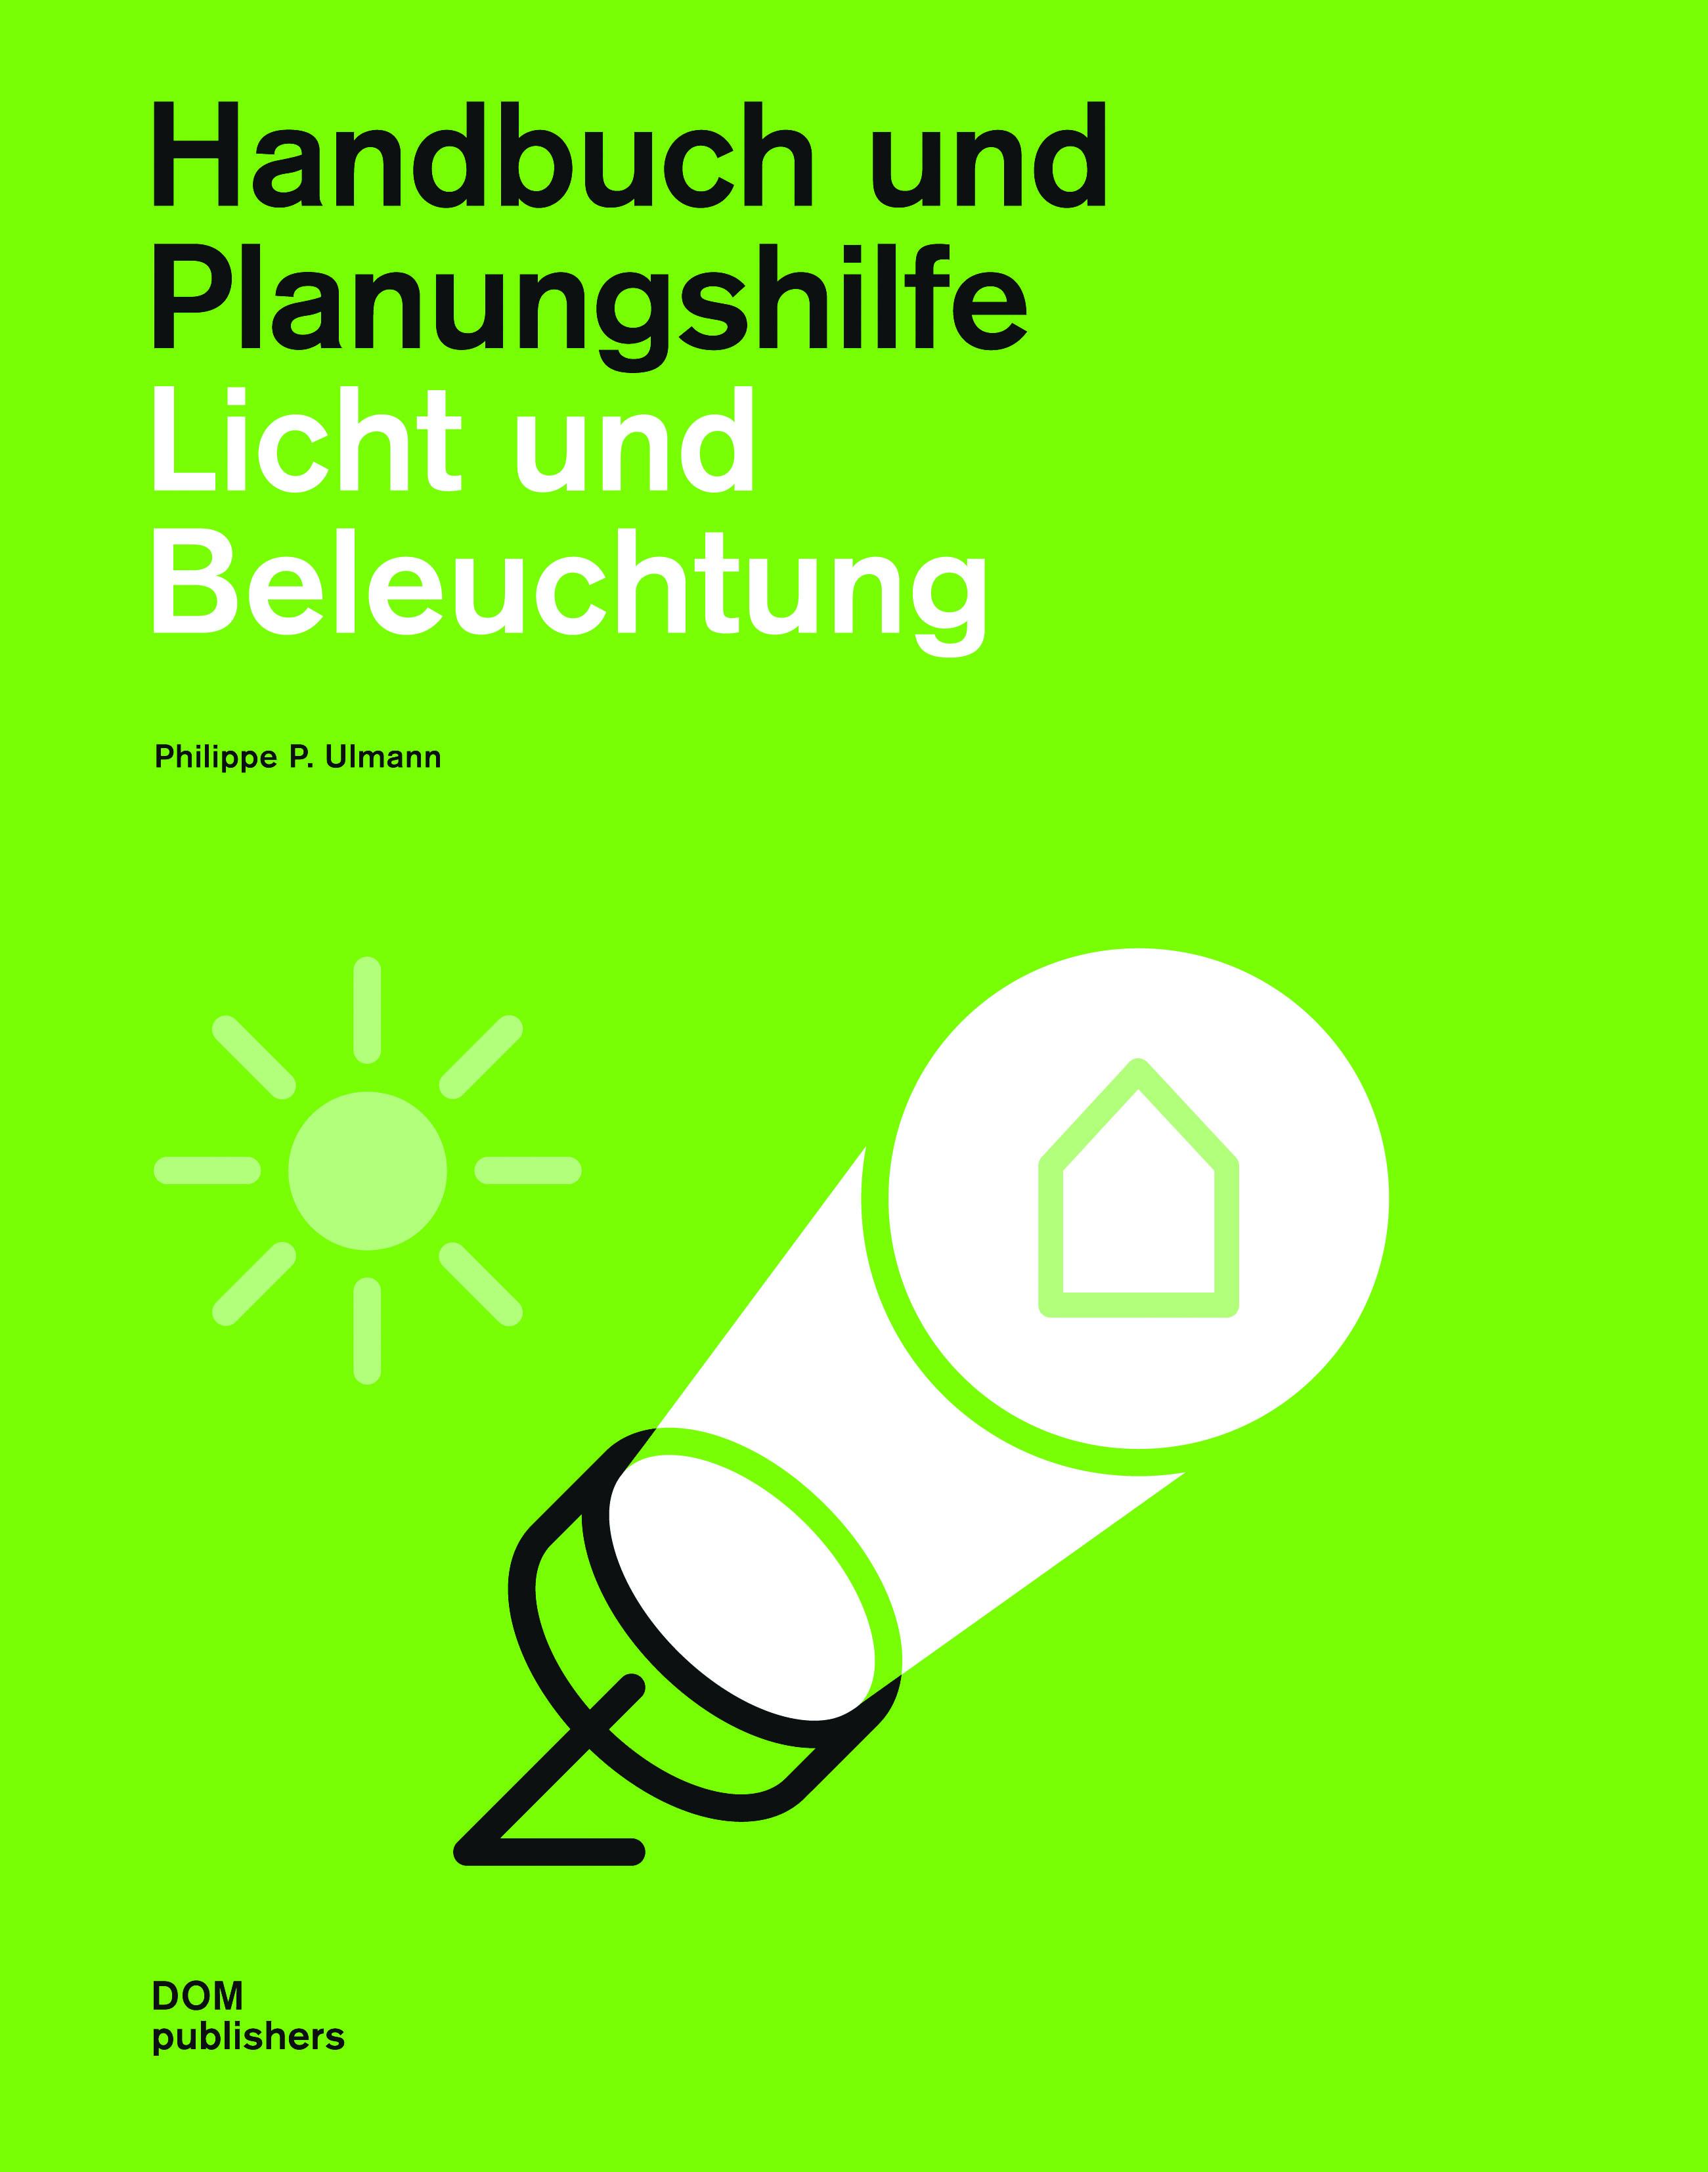 licht und beleuchtung handbuch und planungshilfe von dom publisher. Black Bedroom Furniture Sets. Home Design Ideas